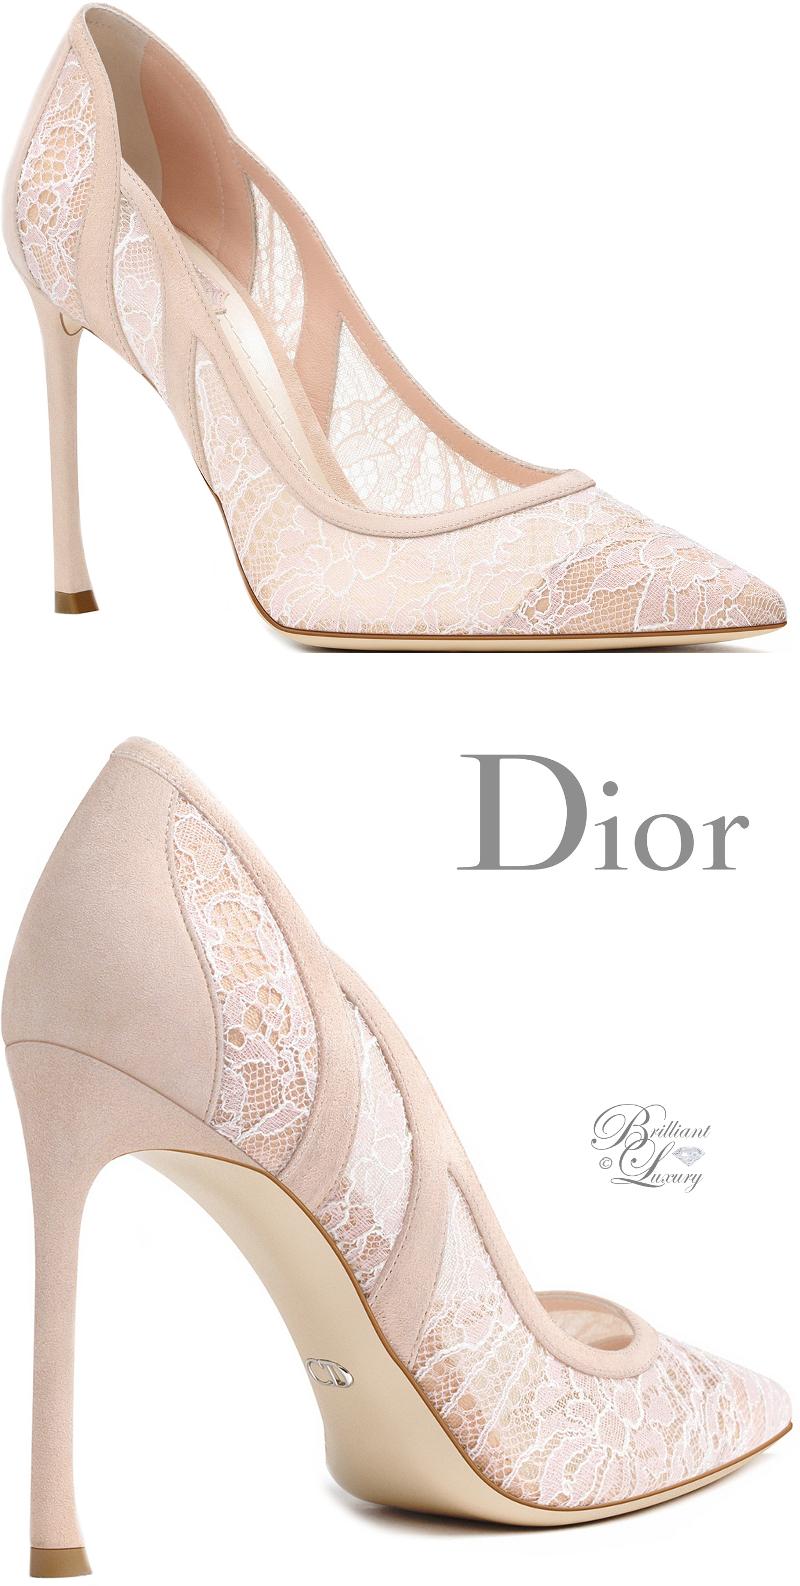 Dior shoes, Lace pumps